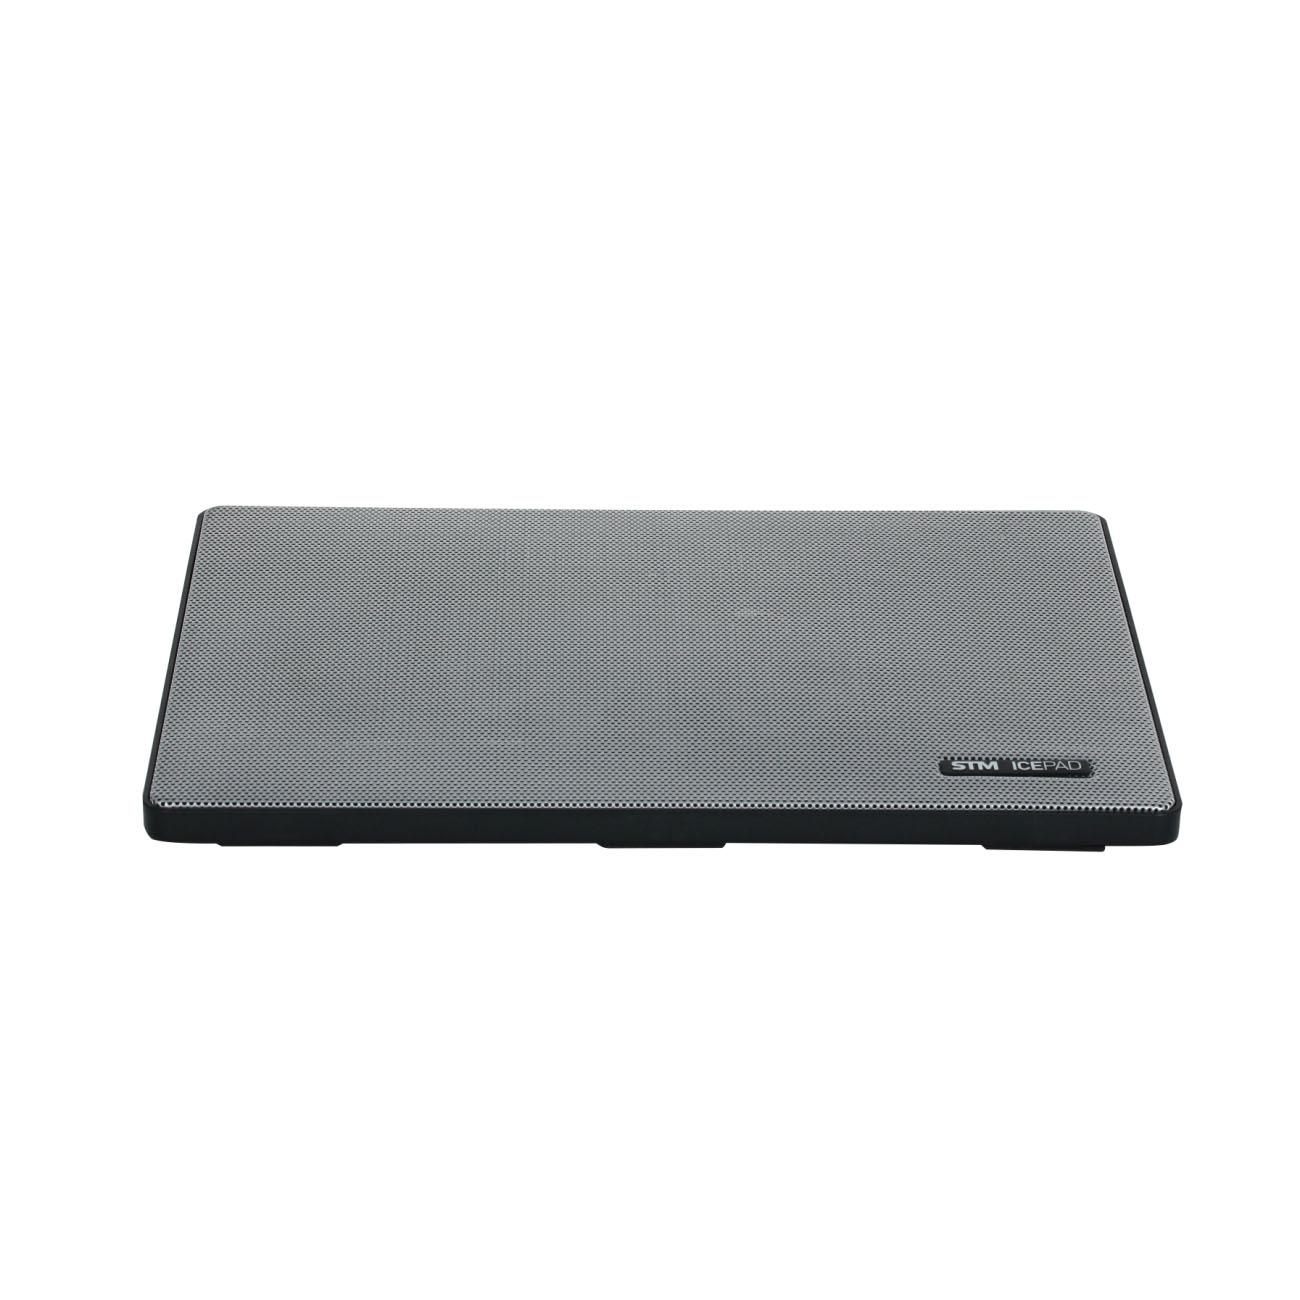 Купить Подставка для ноутбука STM Cooling IP5 Silver недорого